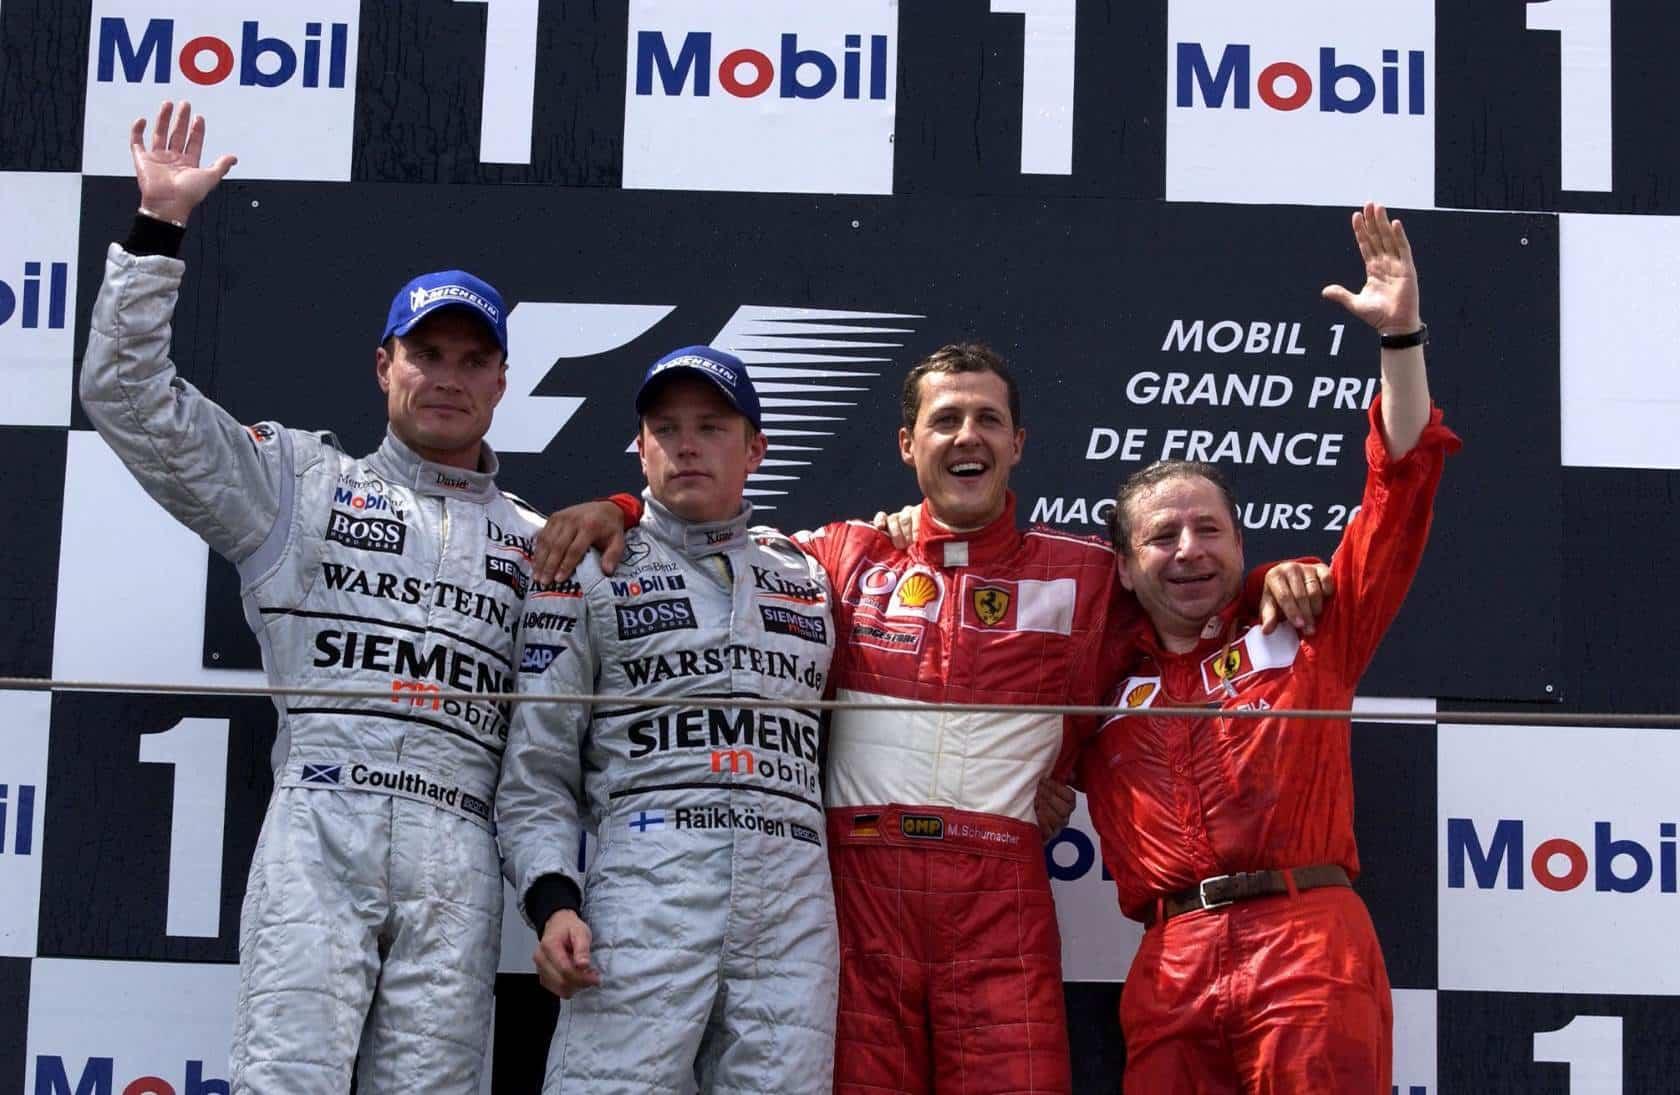 French GP F1 2002 podium Schumacher Raikkonen Coulthard Photo Ferrari